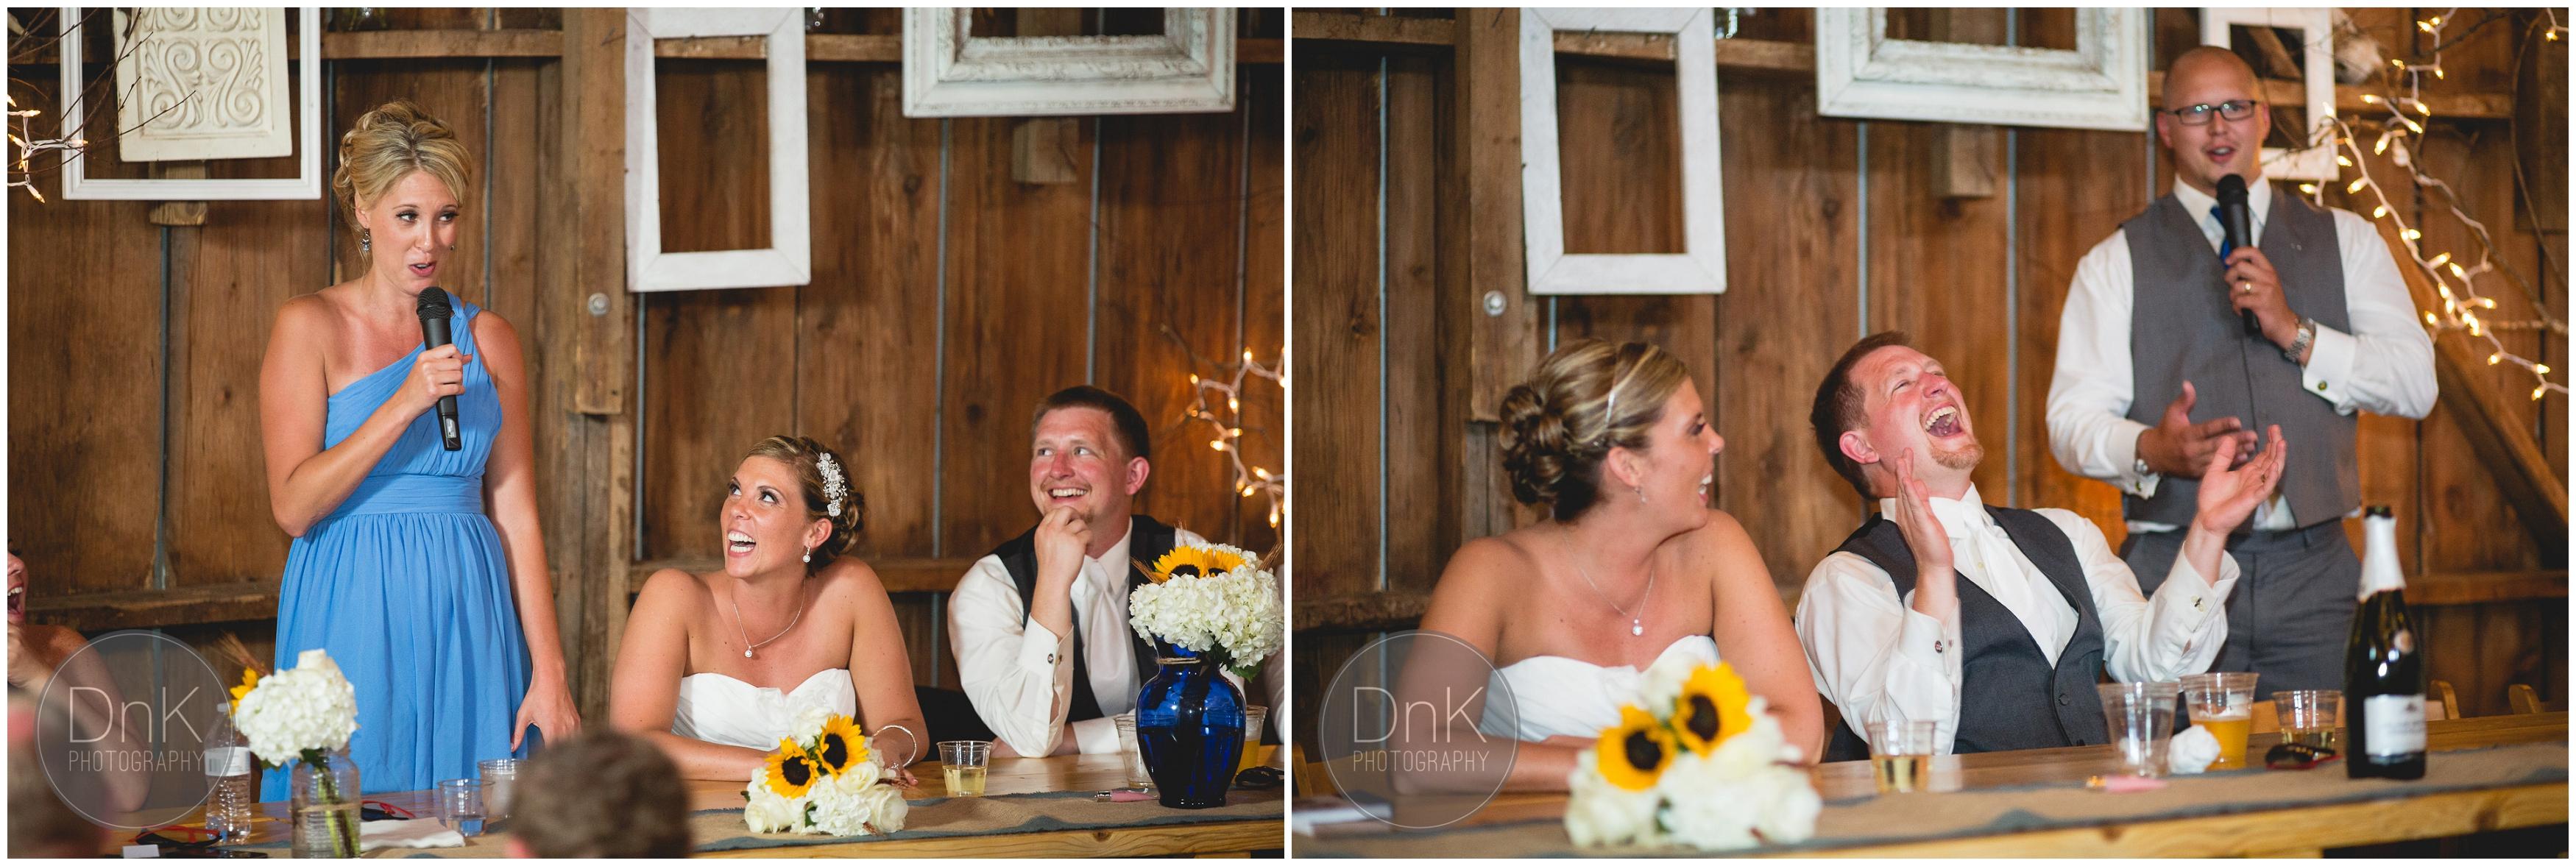 29- Dellwood Barn Wedding Reception